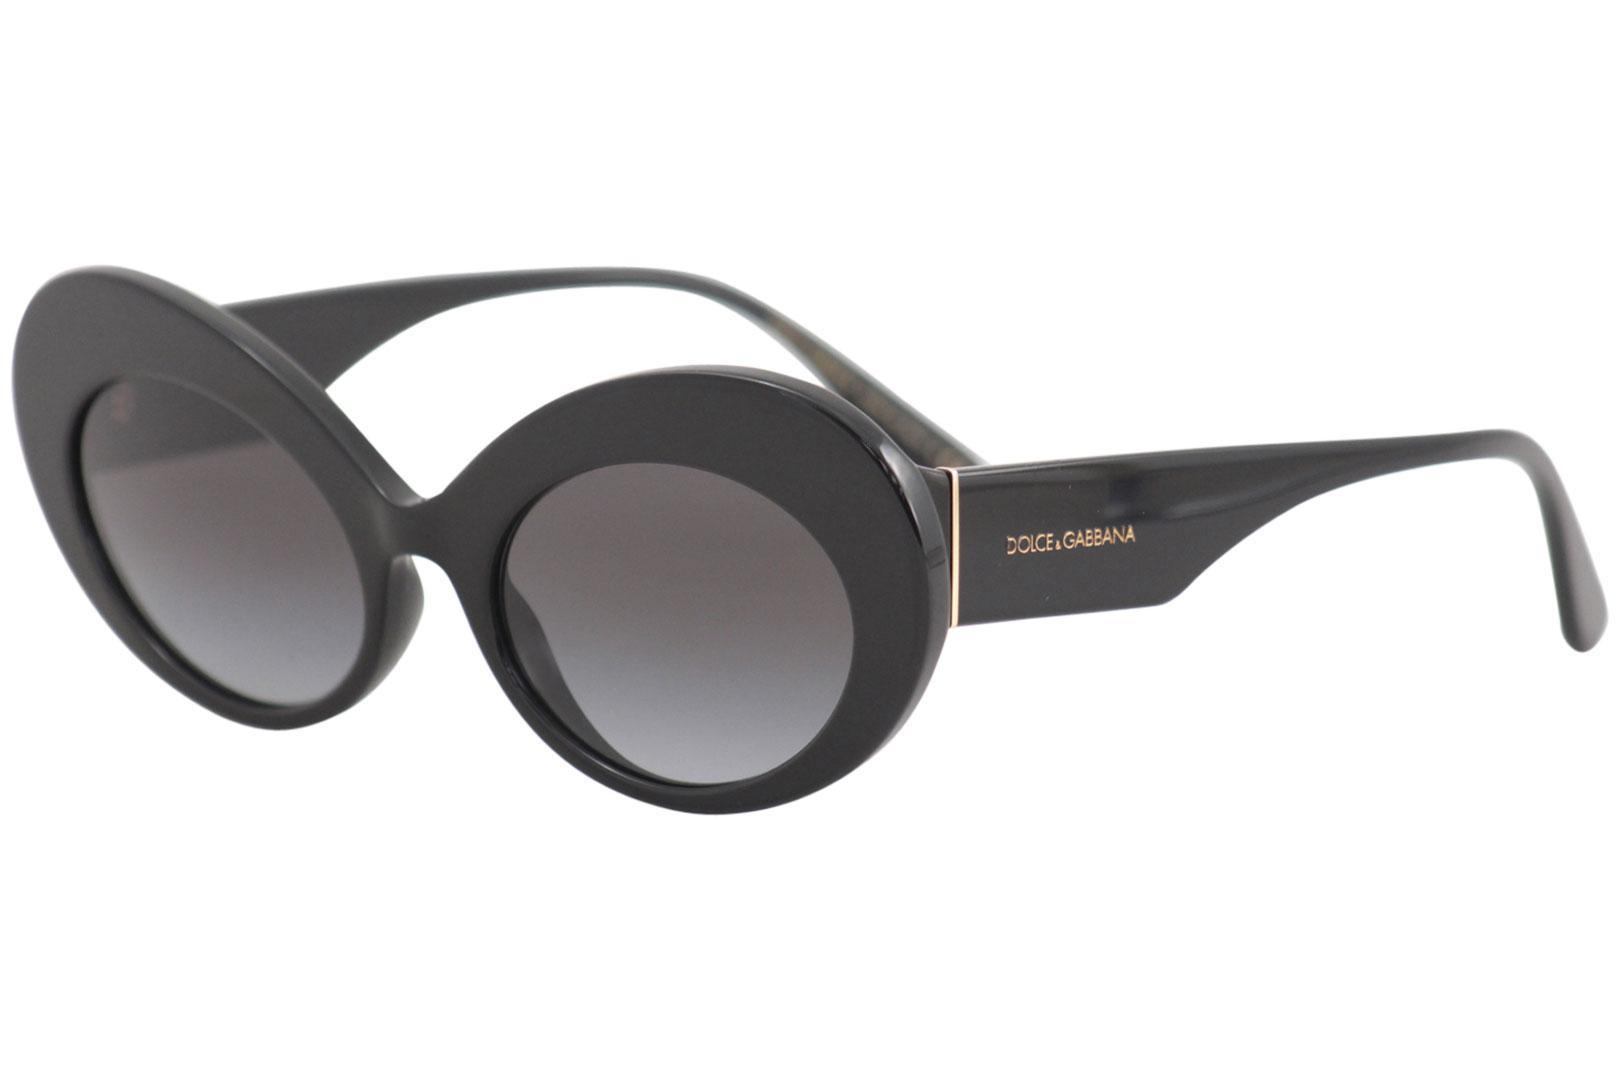 f18156f5a6da Dolce   Gabbana Women s D G DG4345 DG 4345 Fashion Oval Sunglasses